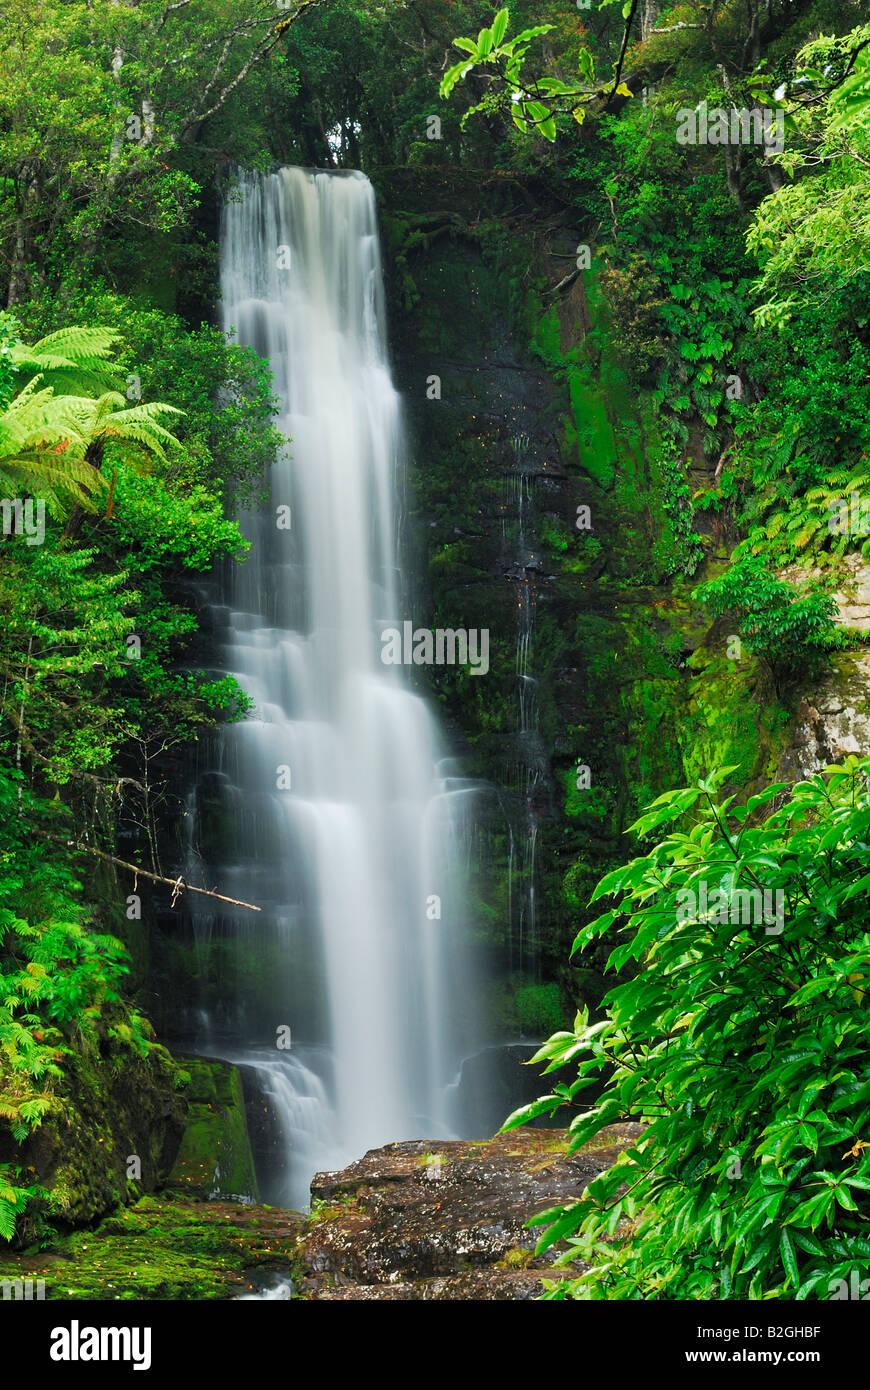 Mac lean falls river torrent de montagne cascade jungle forêt ile sud Nouvelle zelande Photo Stock